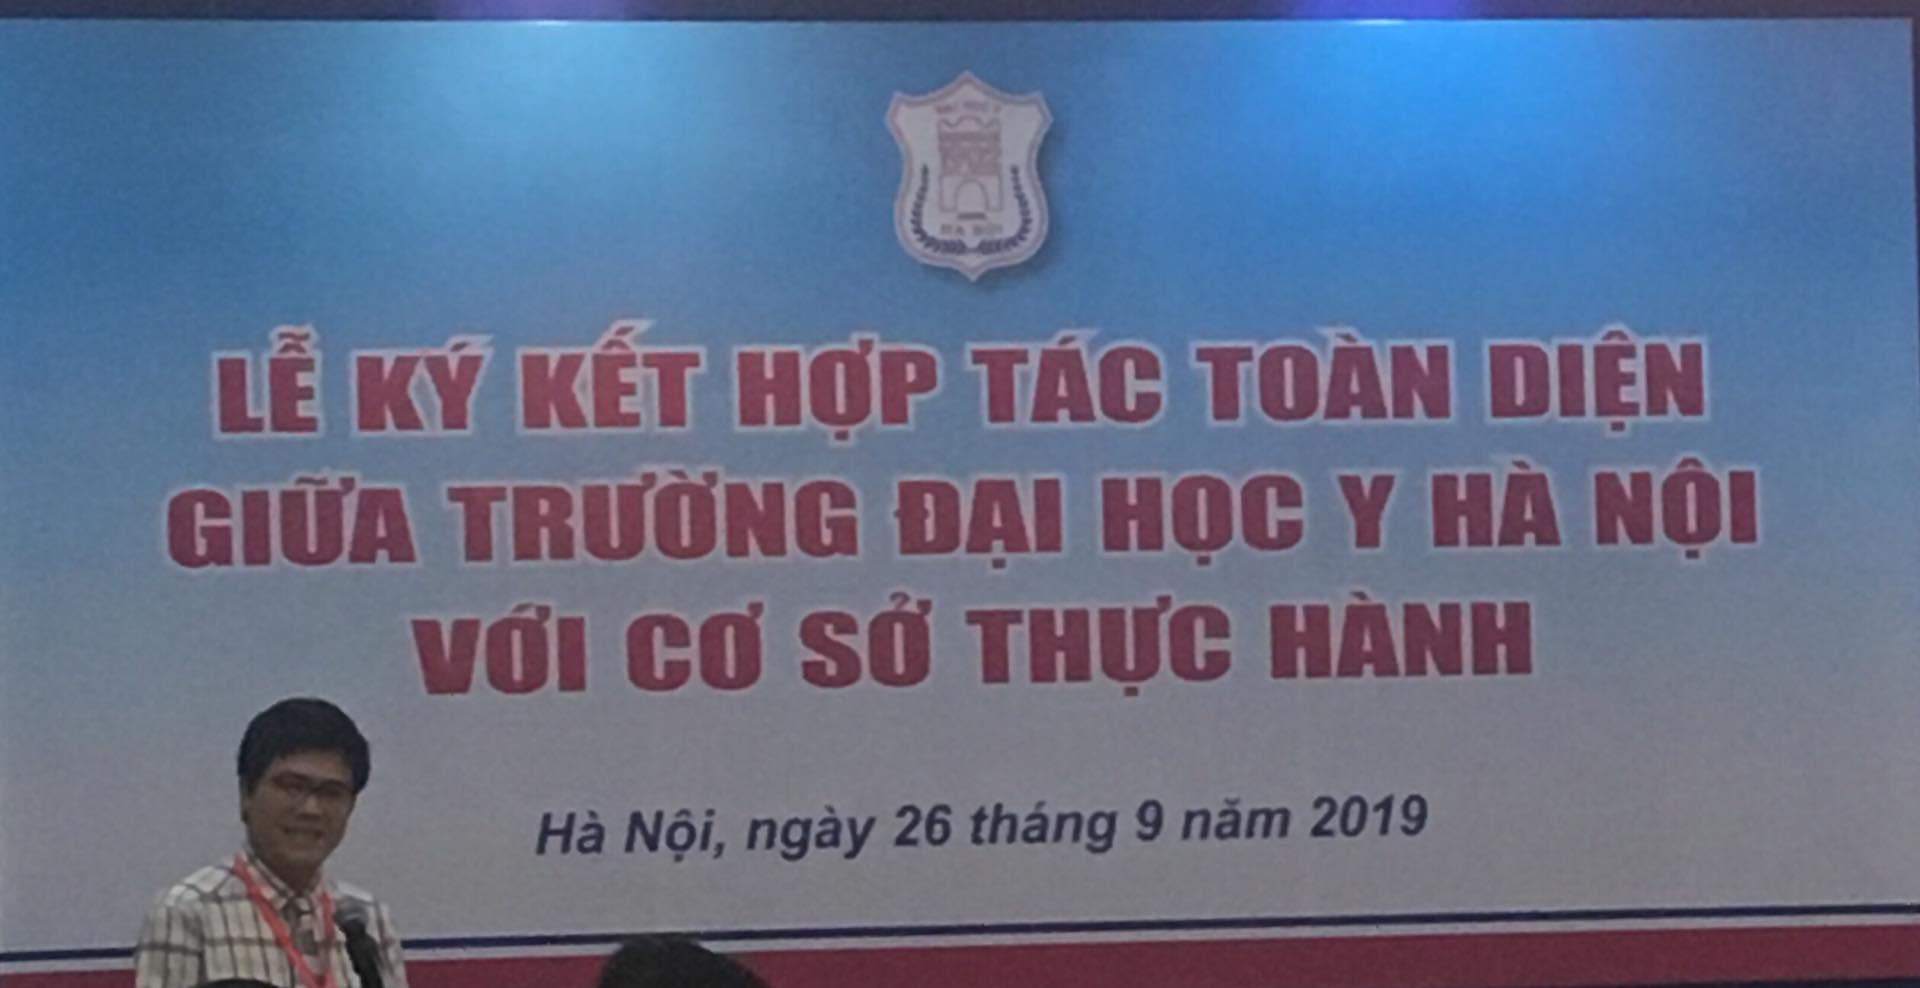 Thỏa thuận hợp tác toàn diện giữa Bệnh viện Phục hồi chức năng Hà Nội và Trường Đại học Y Hà Nội.